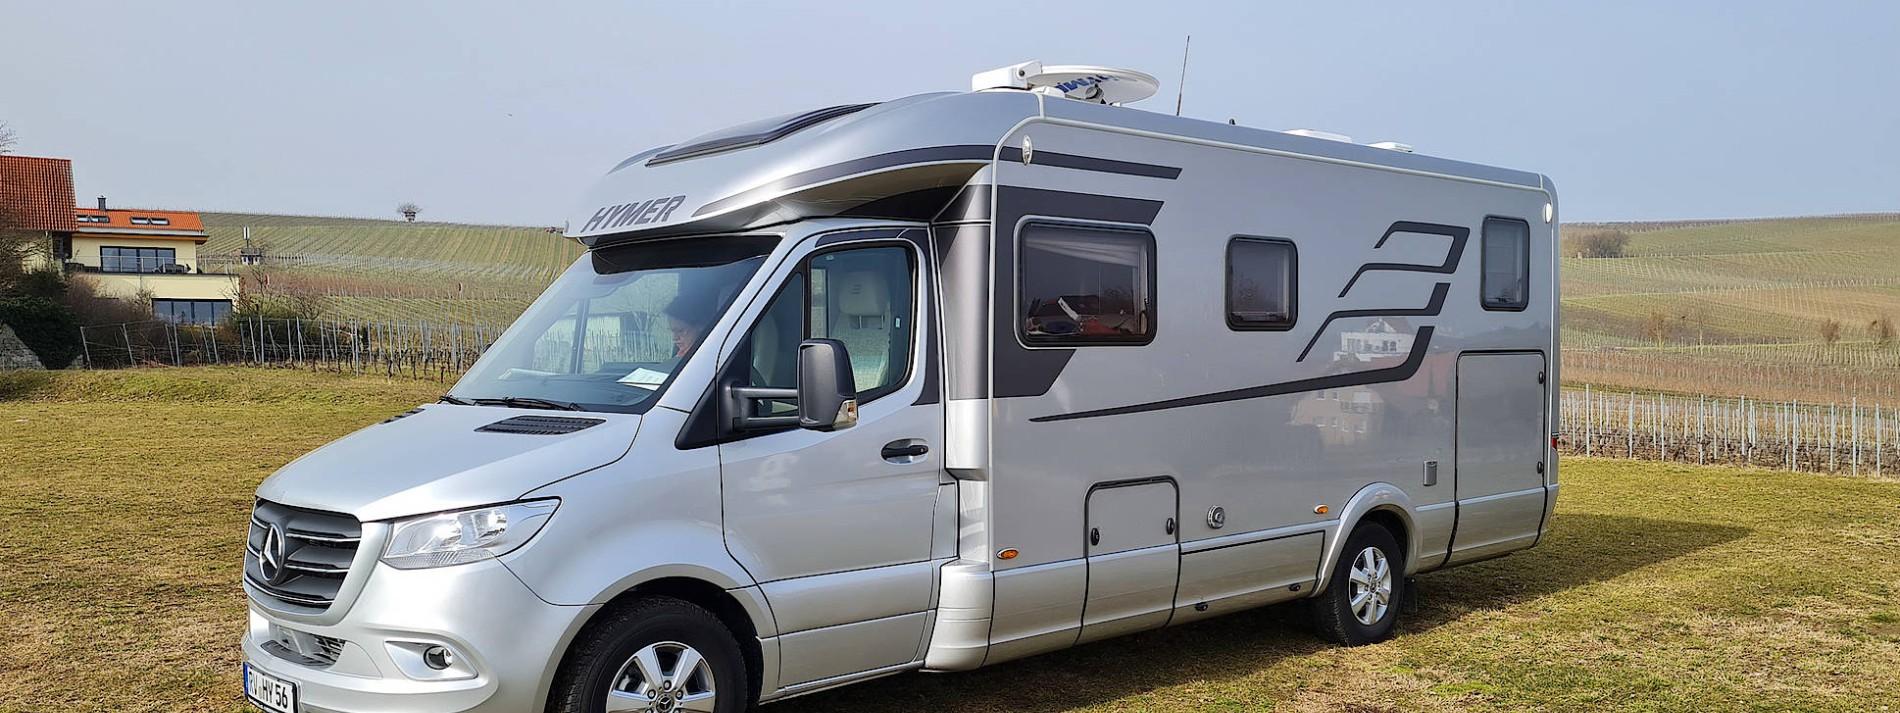 Glänzende Geschäfte mit Campingmobilen